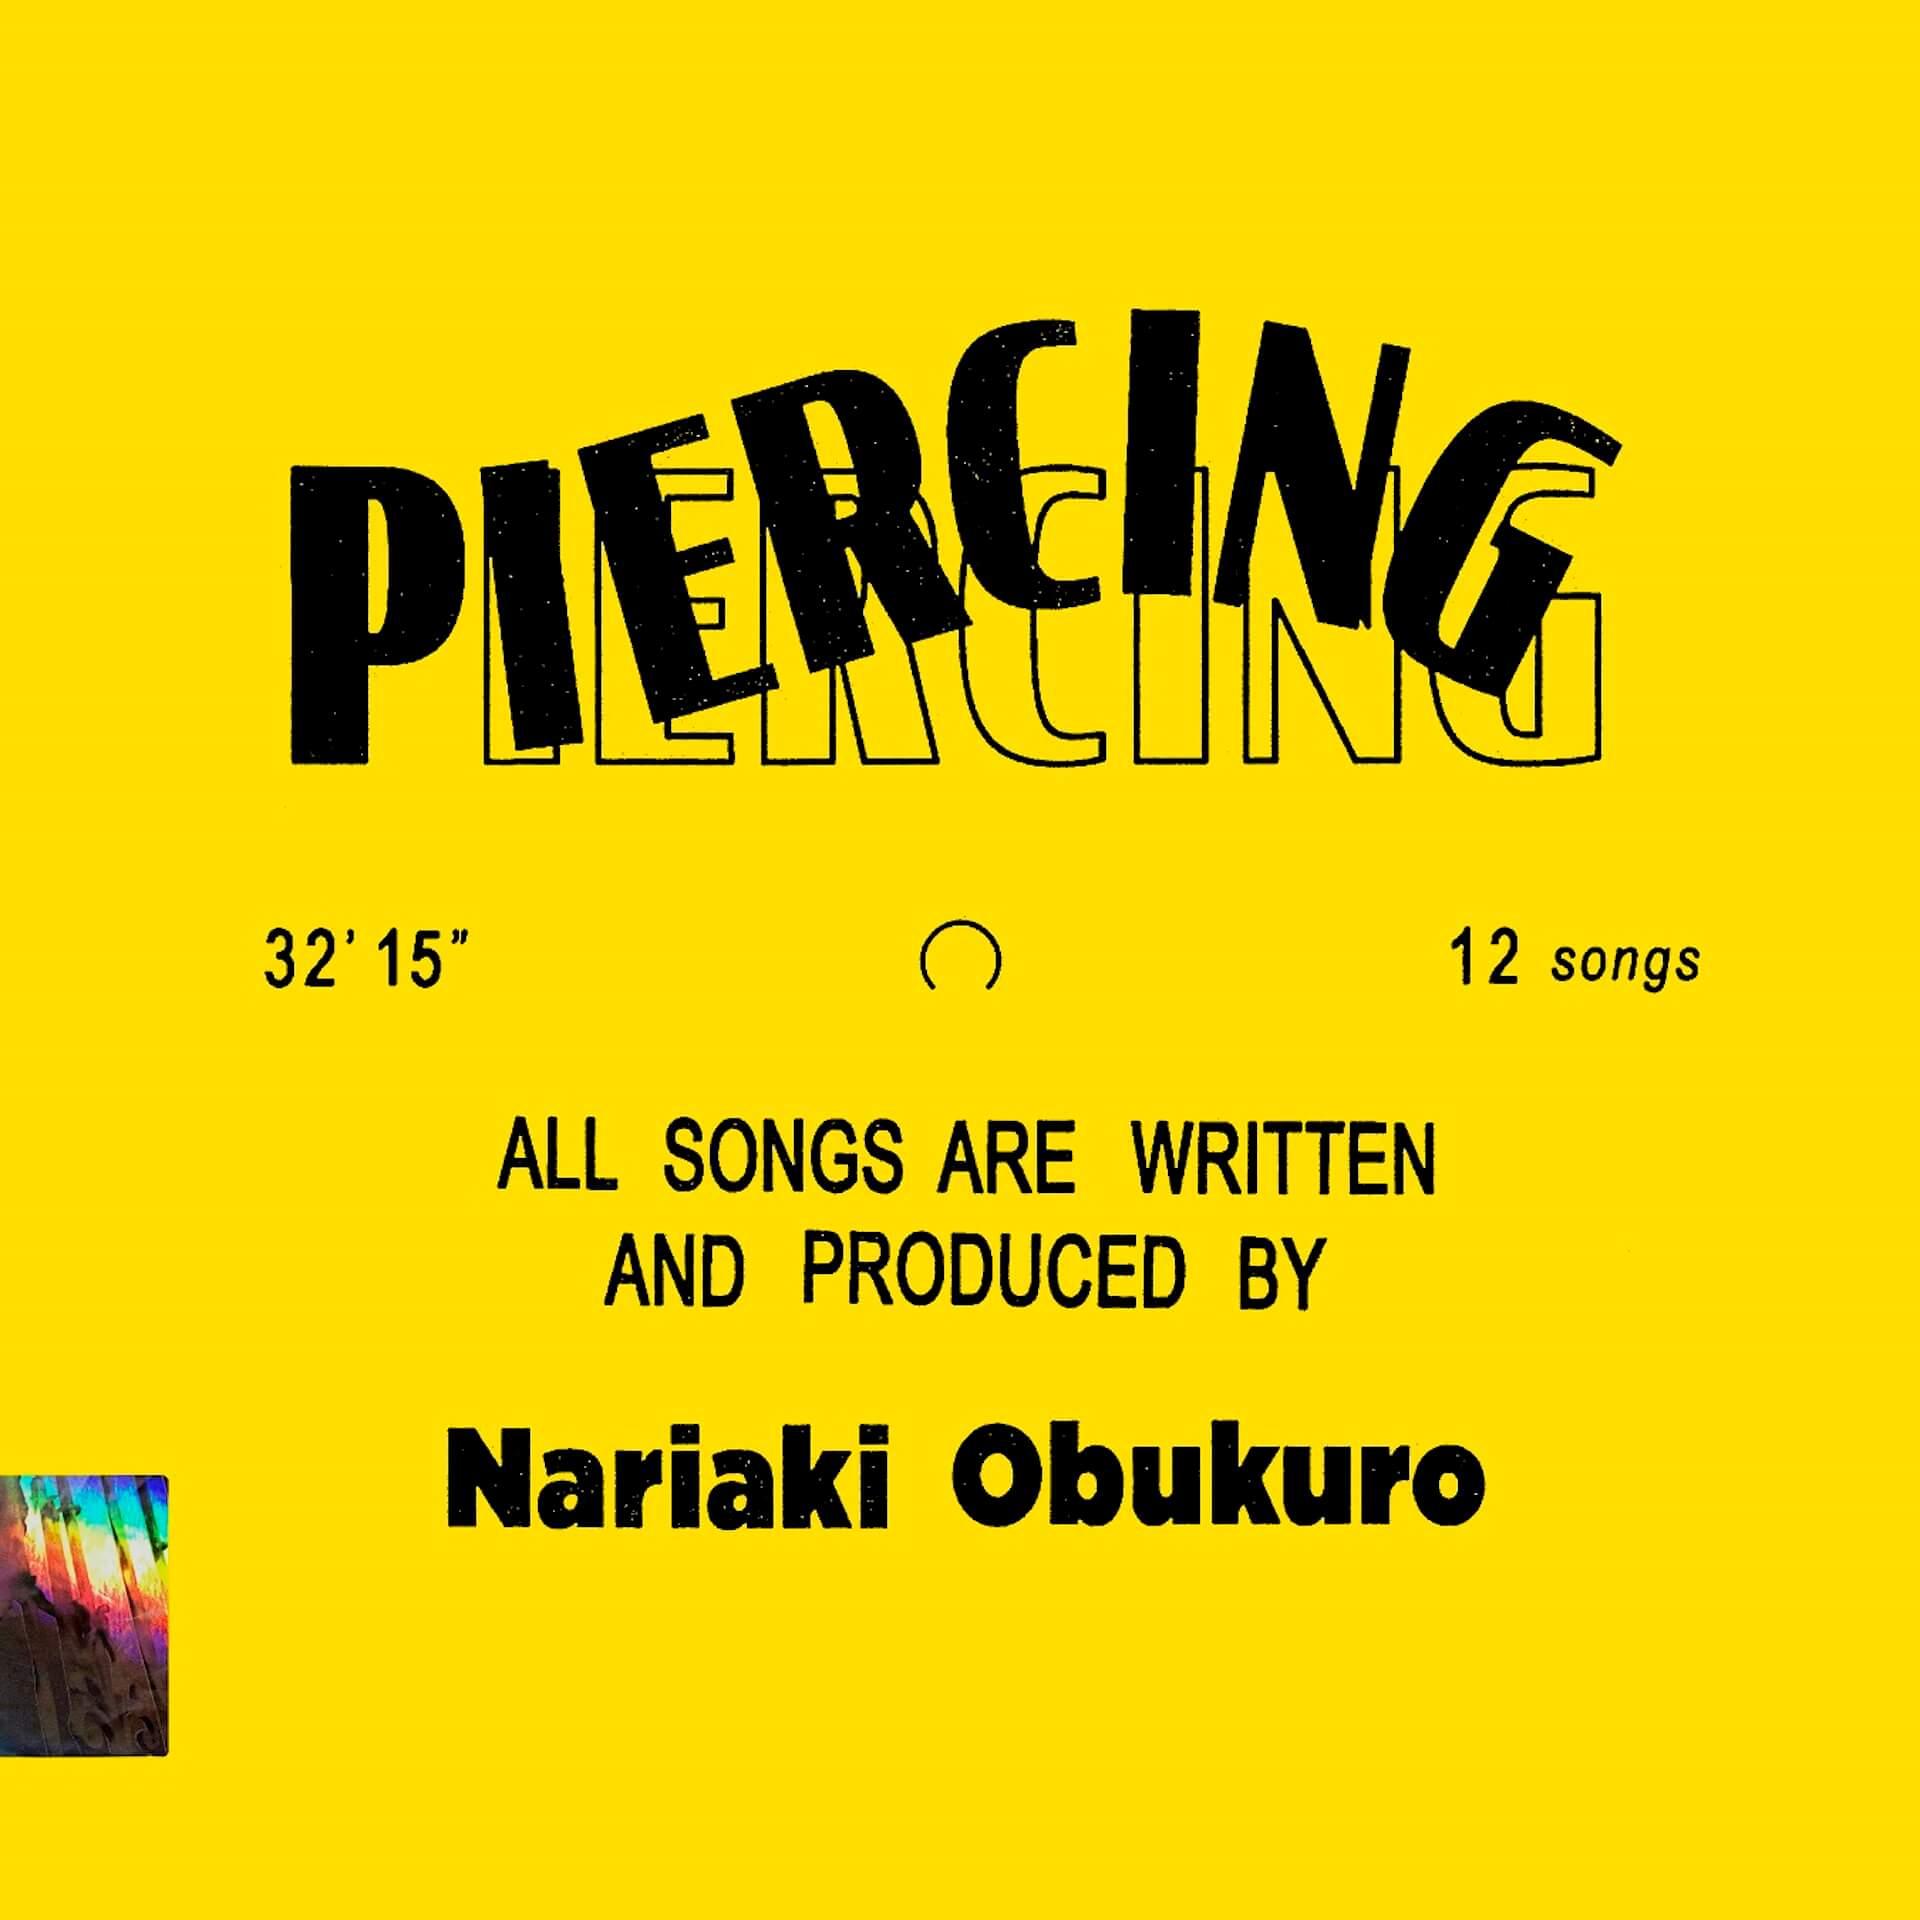 小袋成彬、2ndアルバム『Piercing』のリリースを発表!Tohji、5lackら参加|The fin.との楽曲「COLD」MVを公開 music191213_obukuronariaki_1